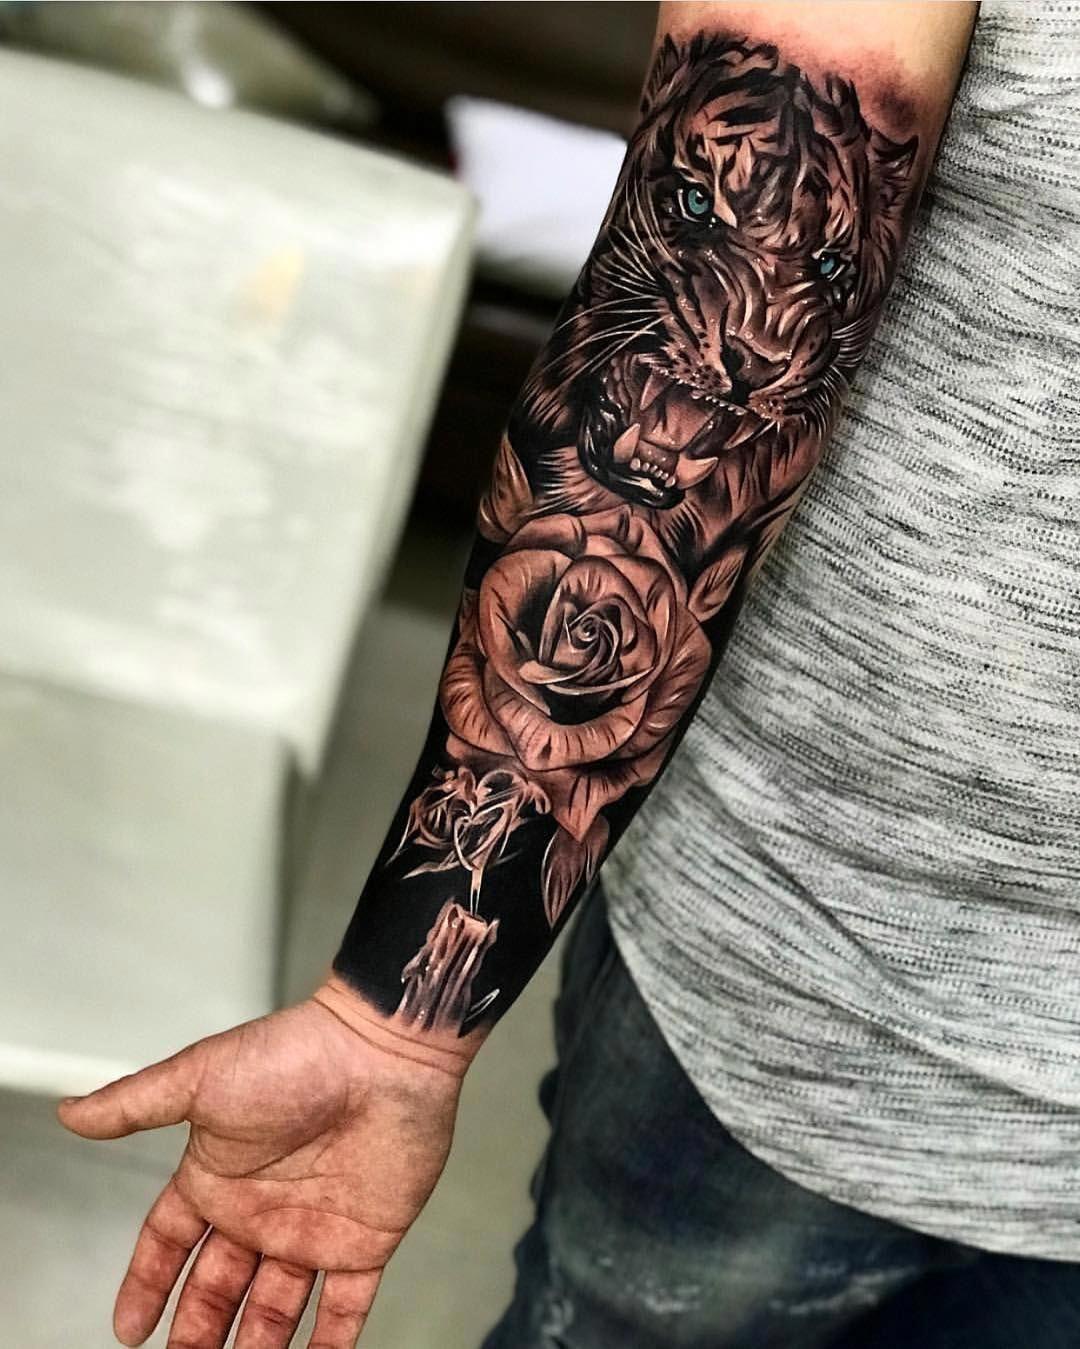 Japanese Forearm Tattoo : japanese, forearm, tattoo, Japanese, Temporary, Tattoos, #Japanesetattoos, Sleeve, Tattoos,, Tiger, Tattoo, Sleeve,